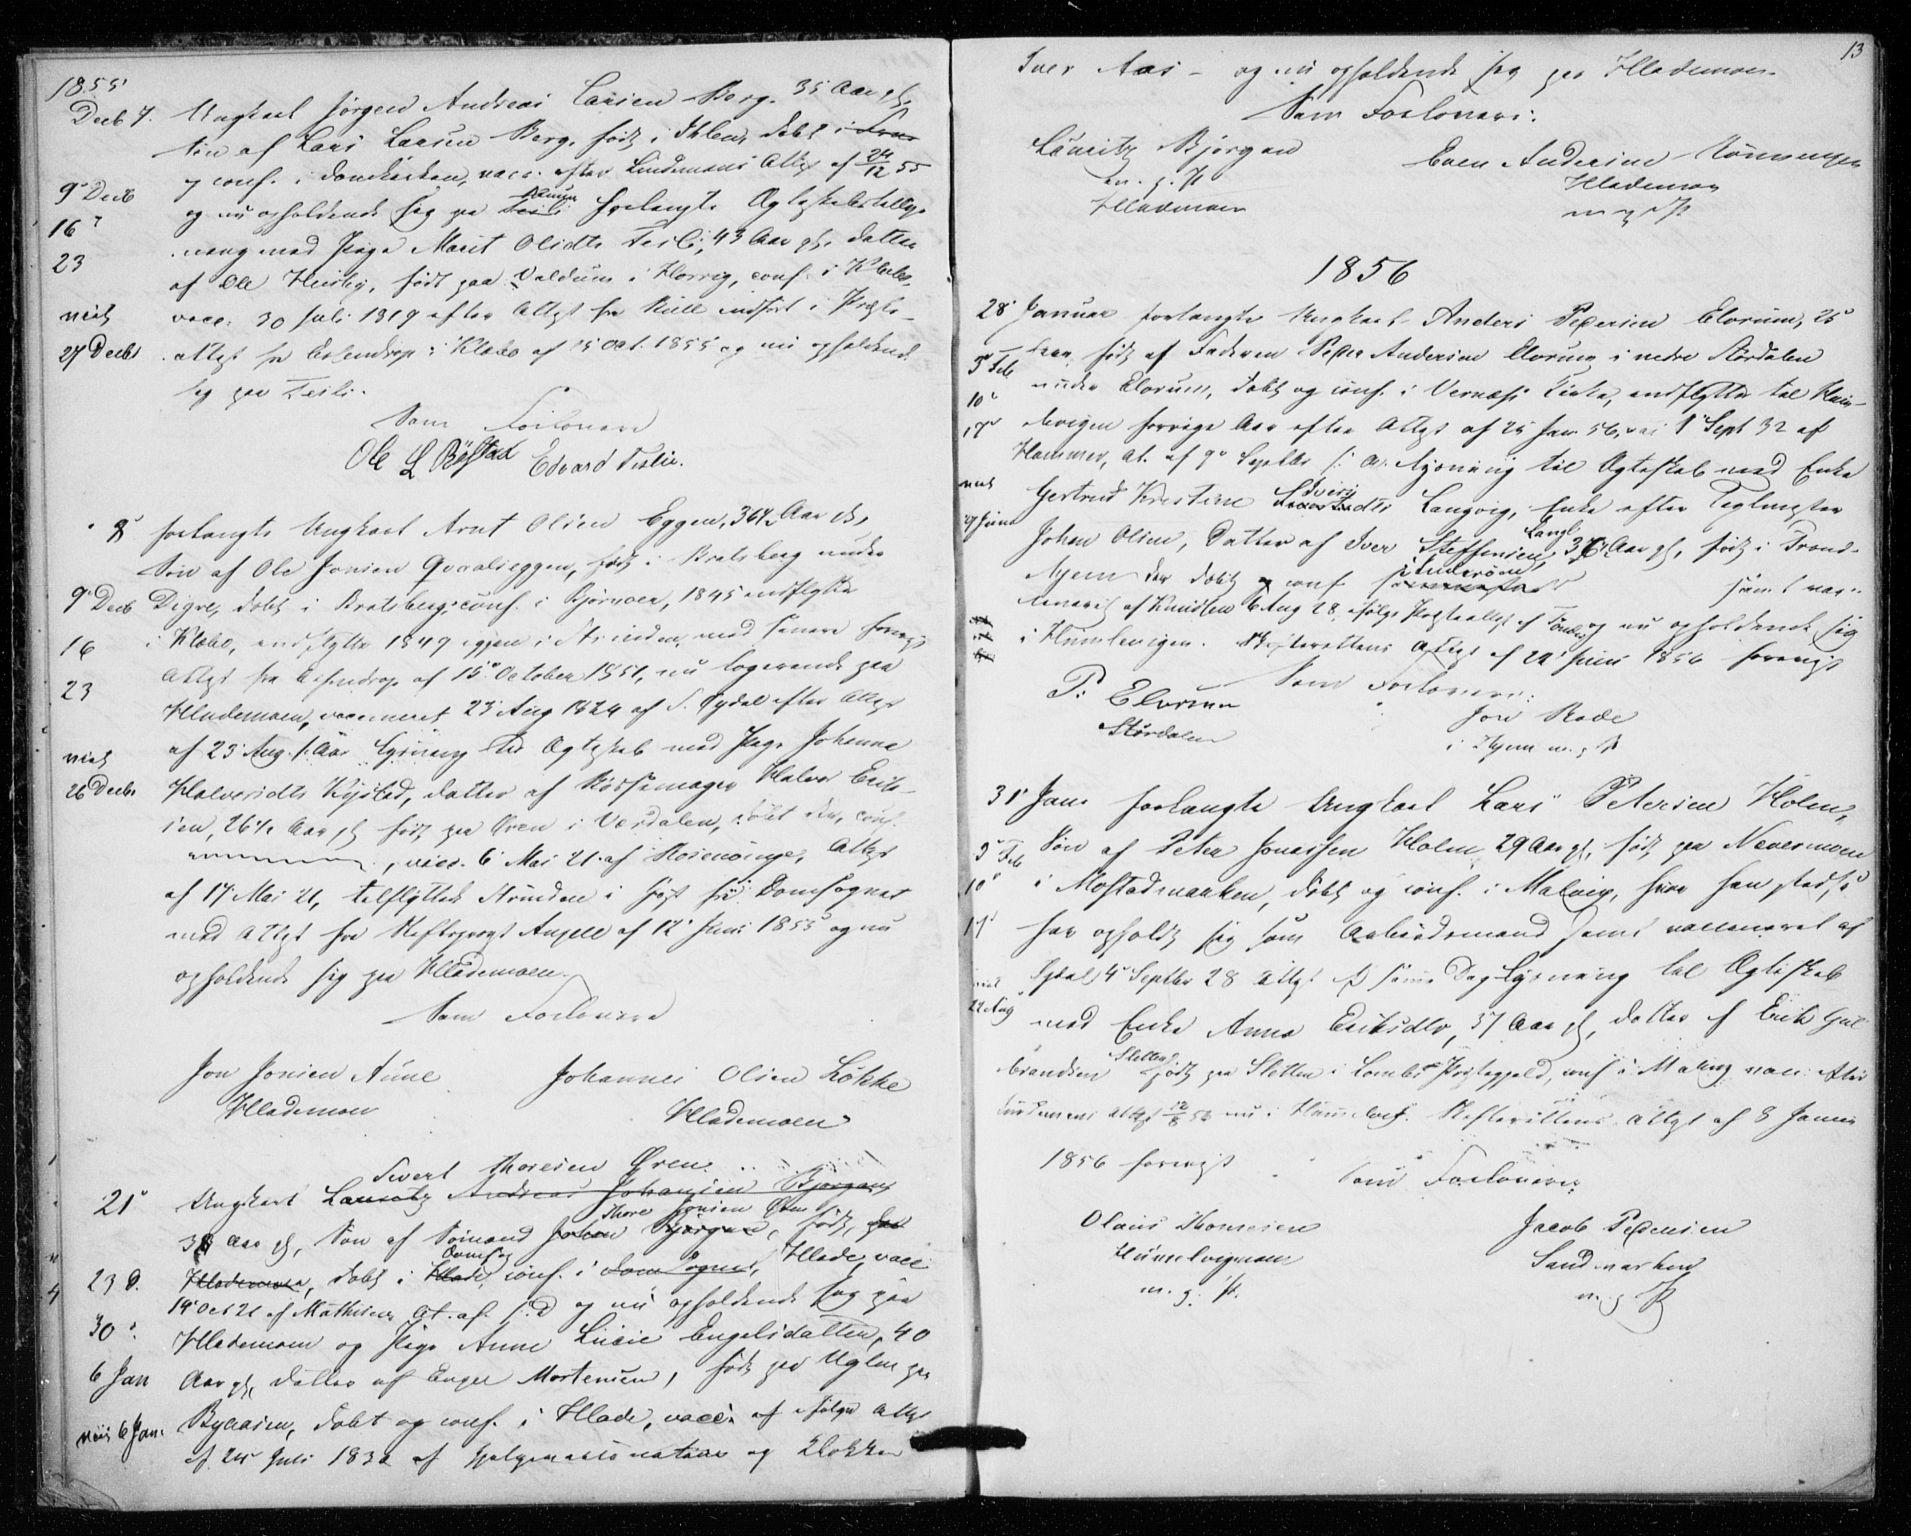 SAT, Ministerialprotokoller, klokkerbøker og fødselsregistre - Sør-Trøndelag, 606/L0297: Lysningsprotokoll nr. 606A12, 1854-1861, s. 13